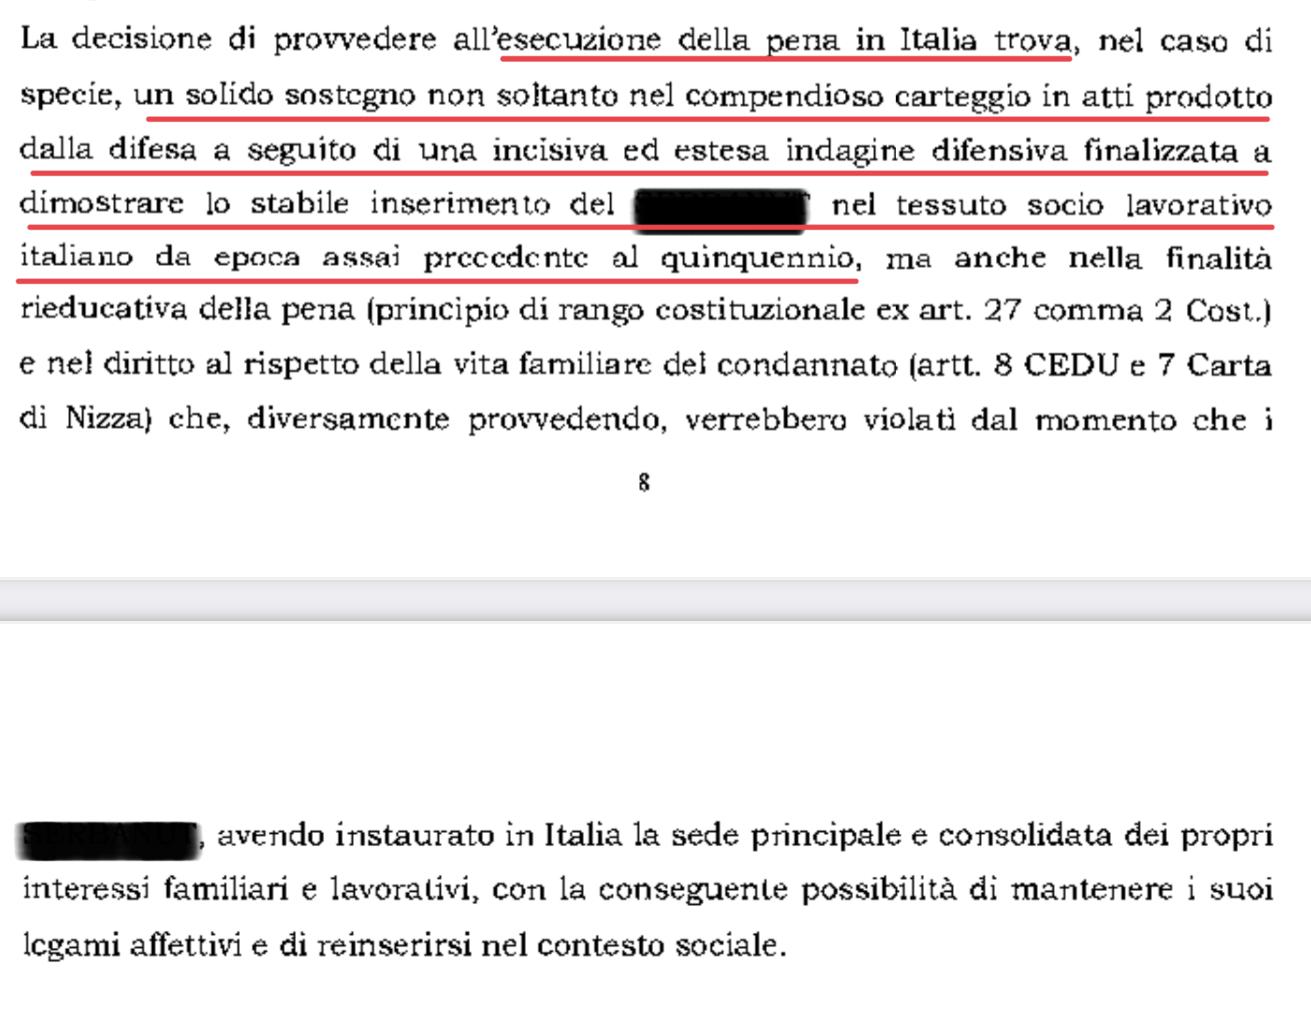 Decisione della Corte di Appello di Roma